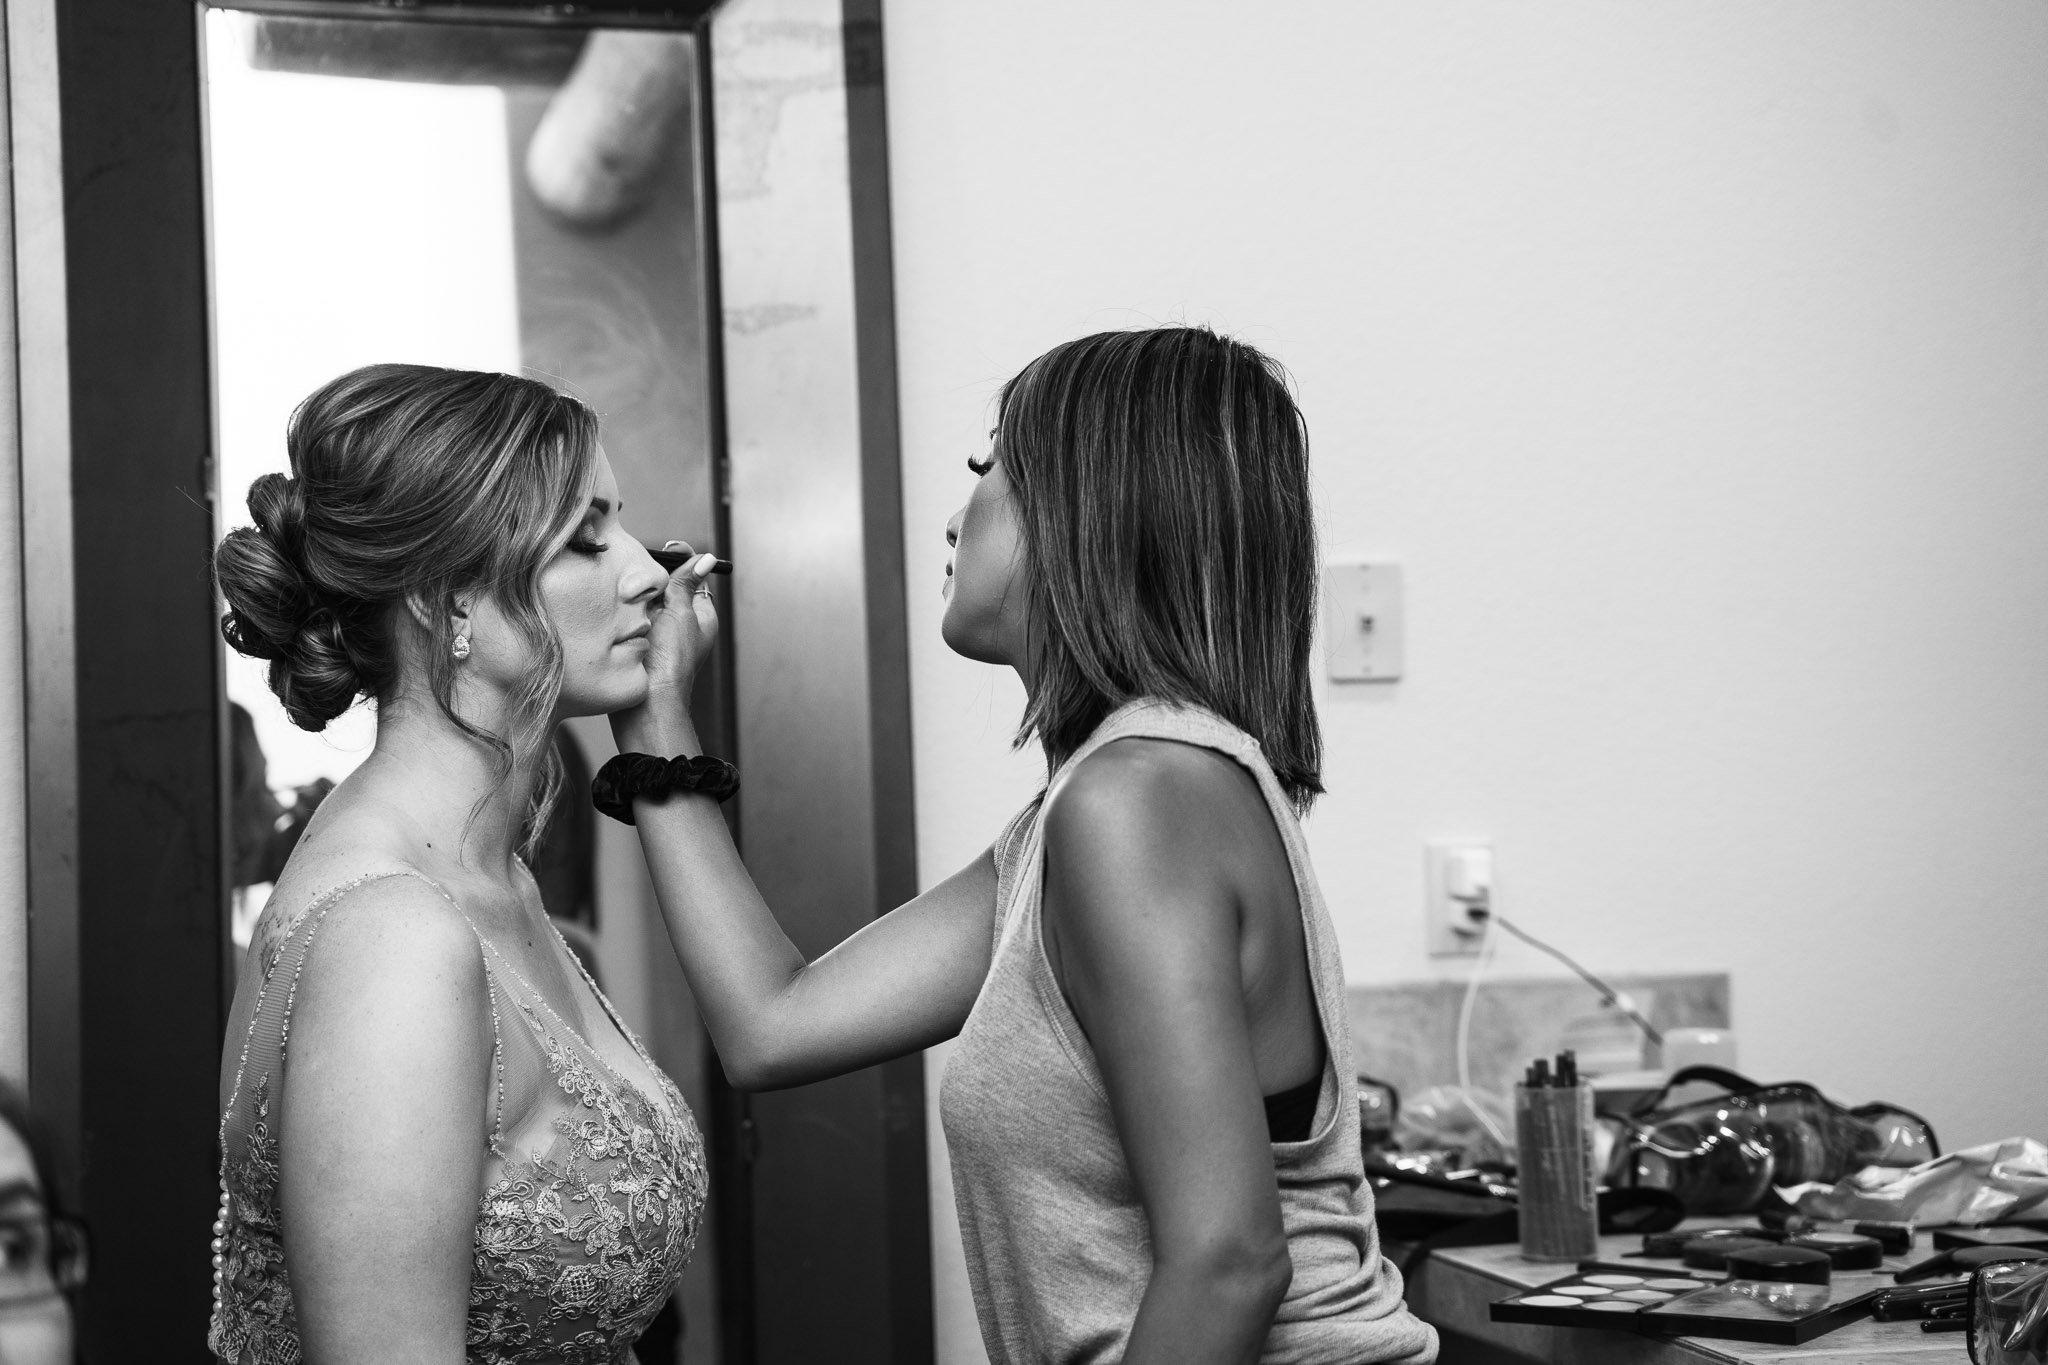 Makeup artist putting makeup on a bride